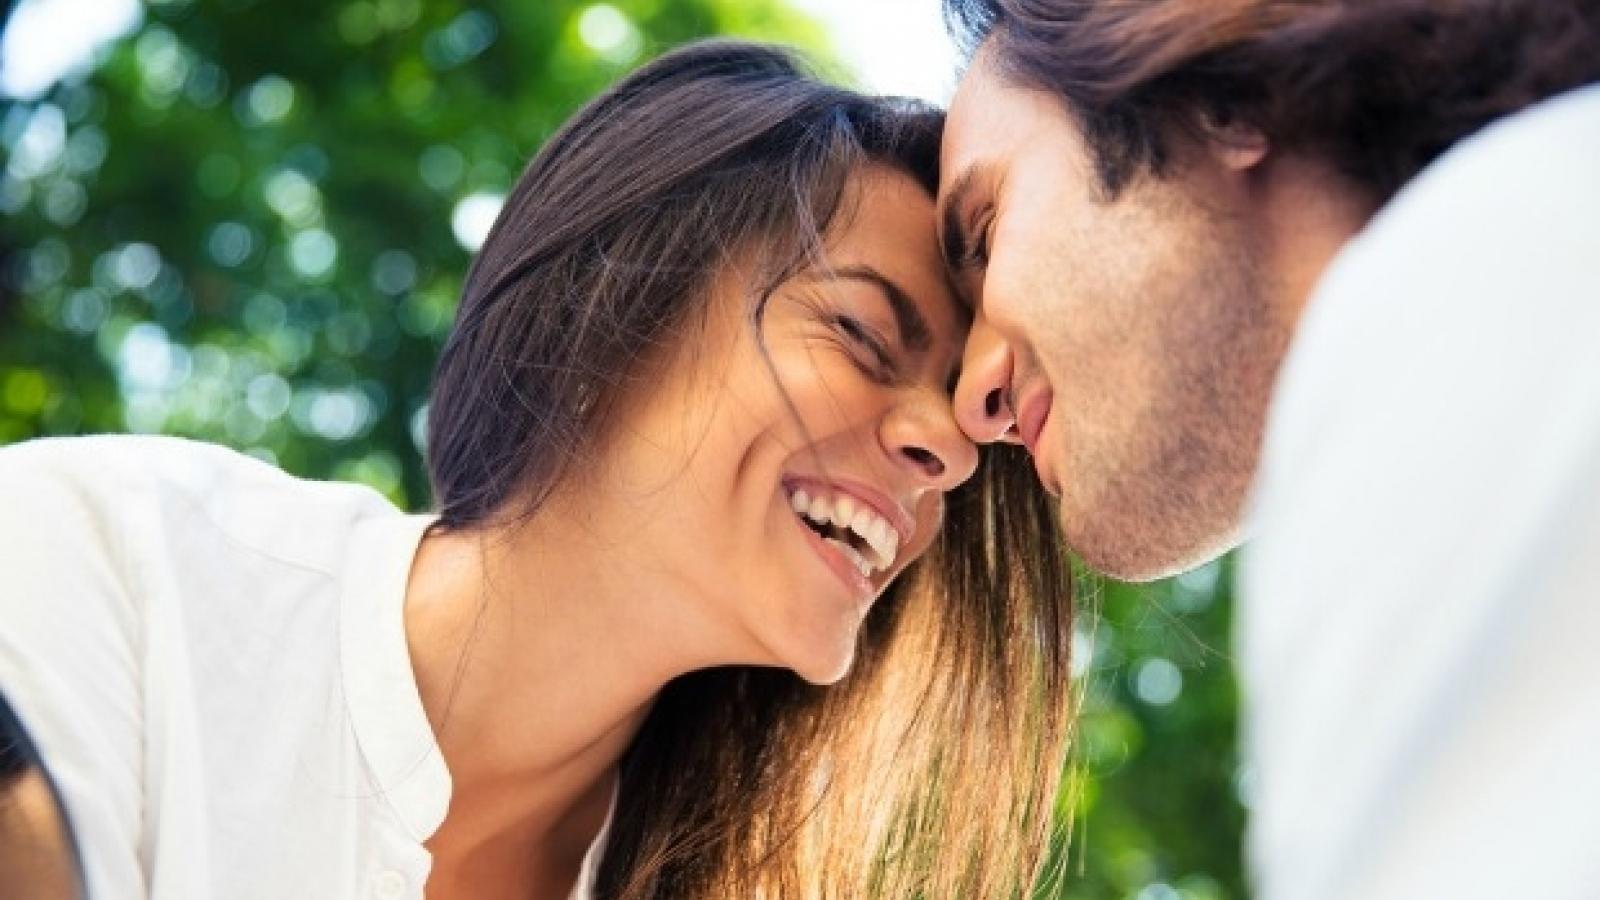 Dấu hiệu cho thấy bạn đang có một mối quan hệ lành mạnh